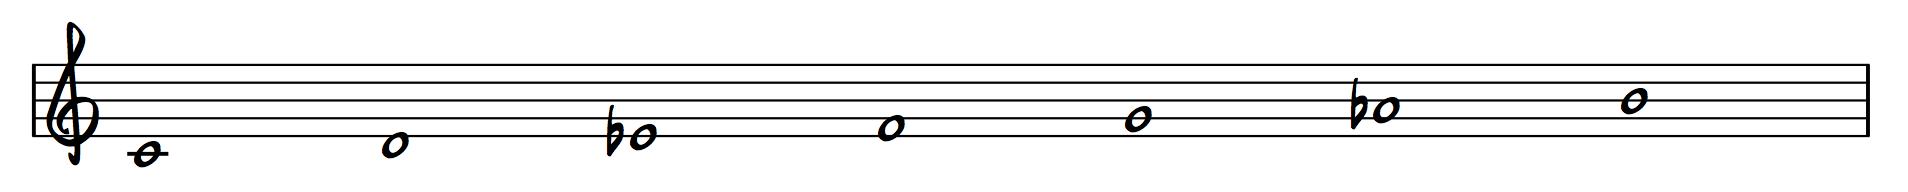 14 - C Harmonic Minor Scale